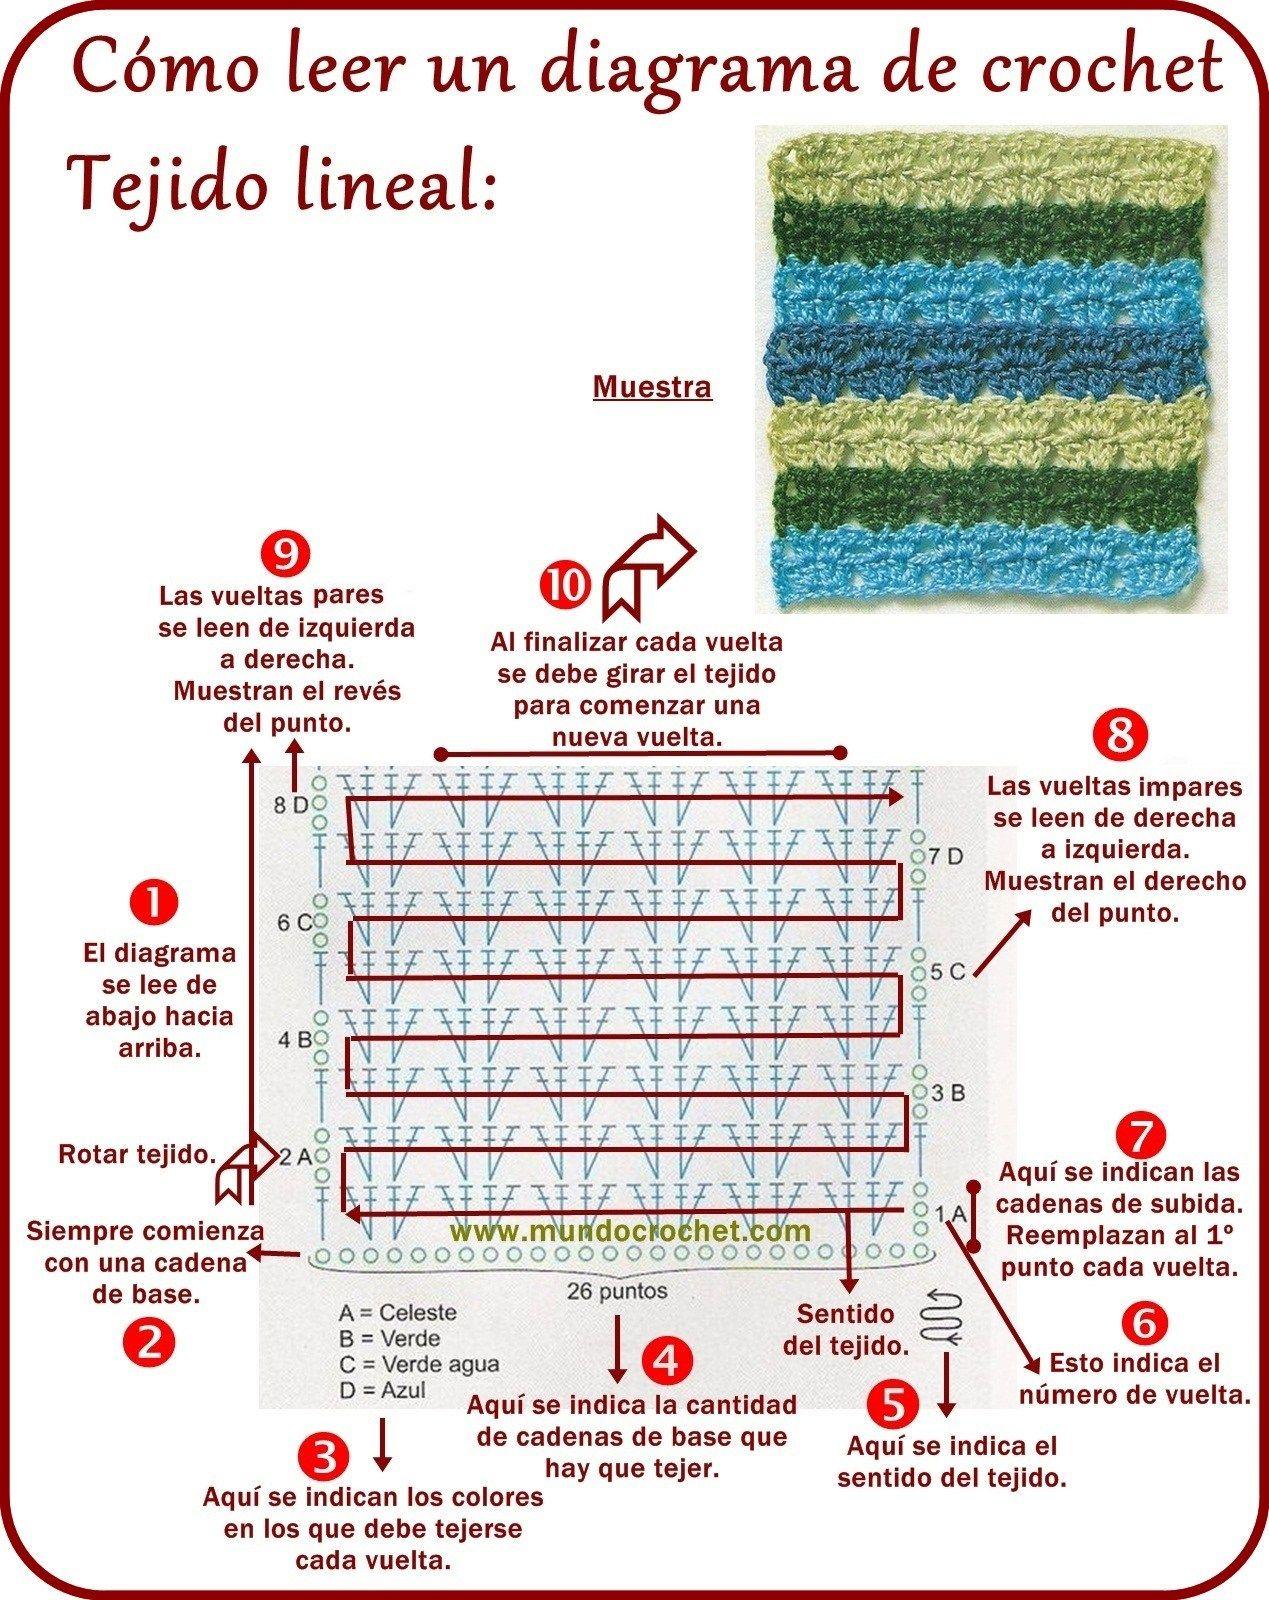 Como leer diagramas de crochet o ganchillo00 | COSTURA Y PATRONES ...